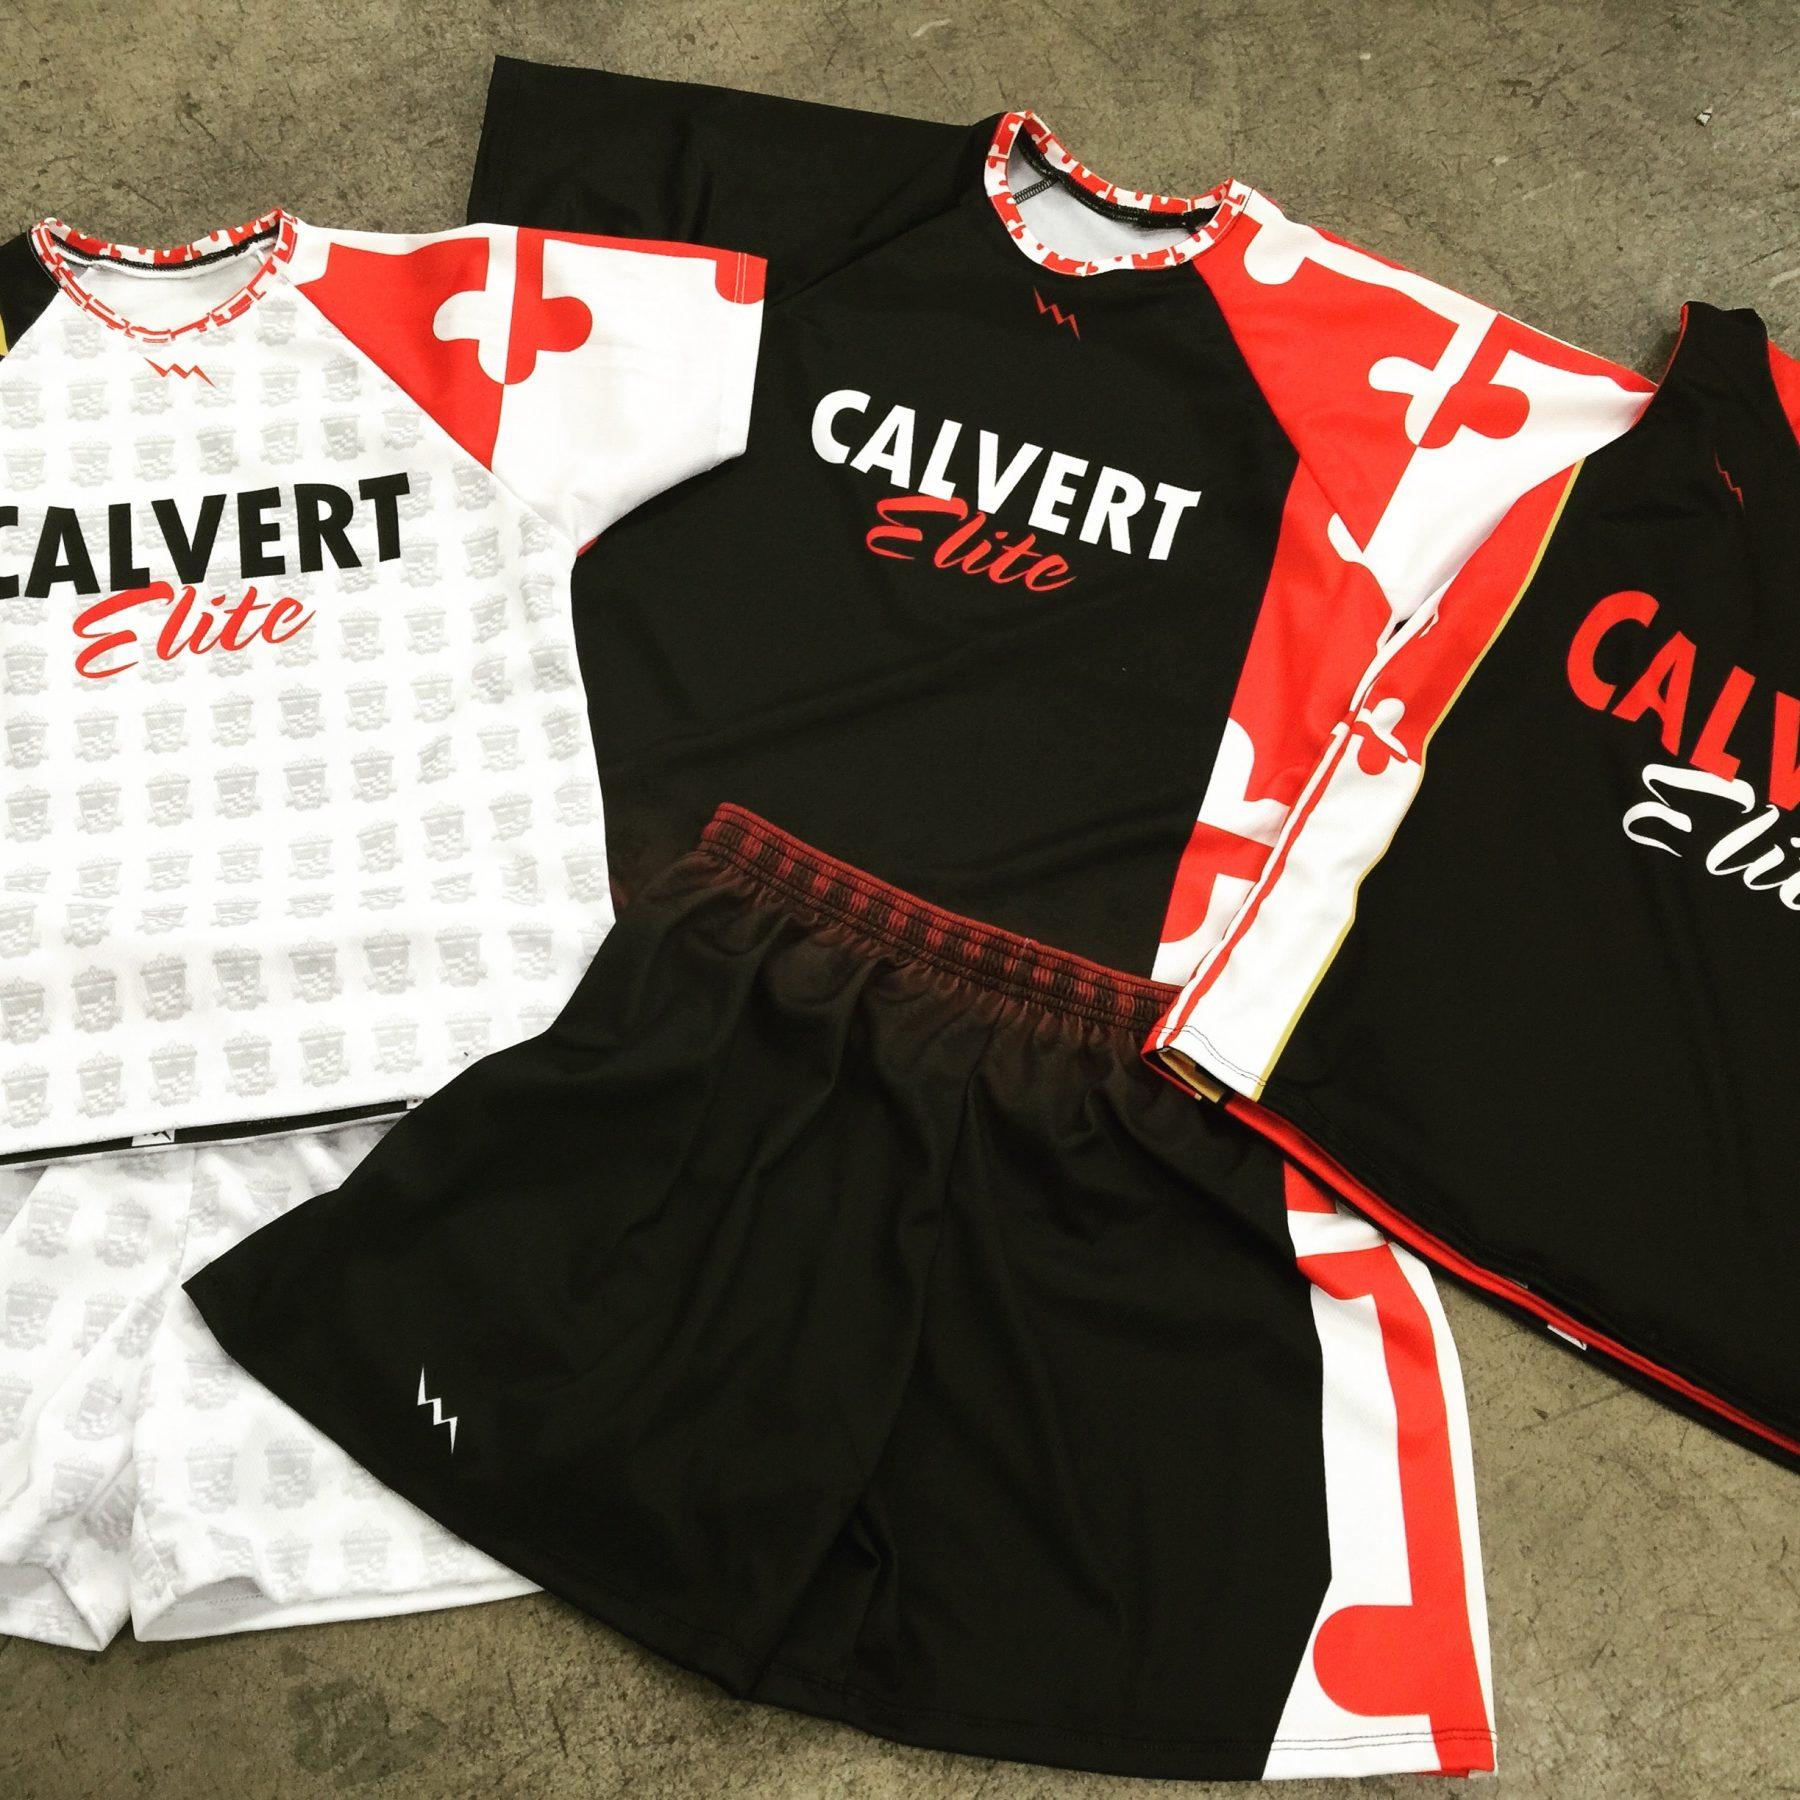 calvert elite soccer